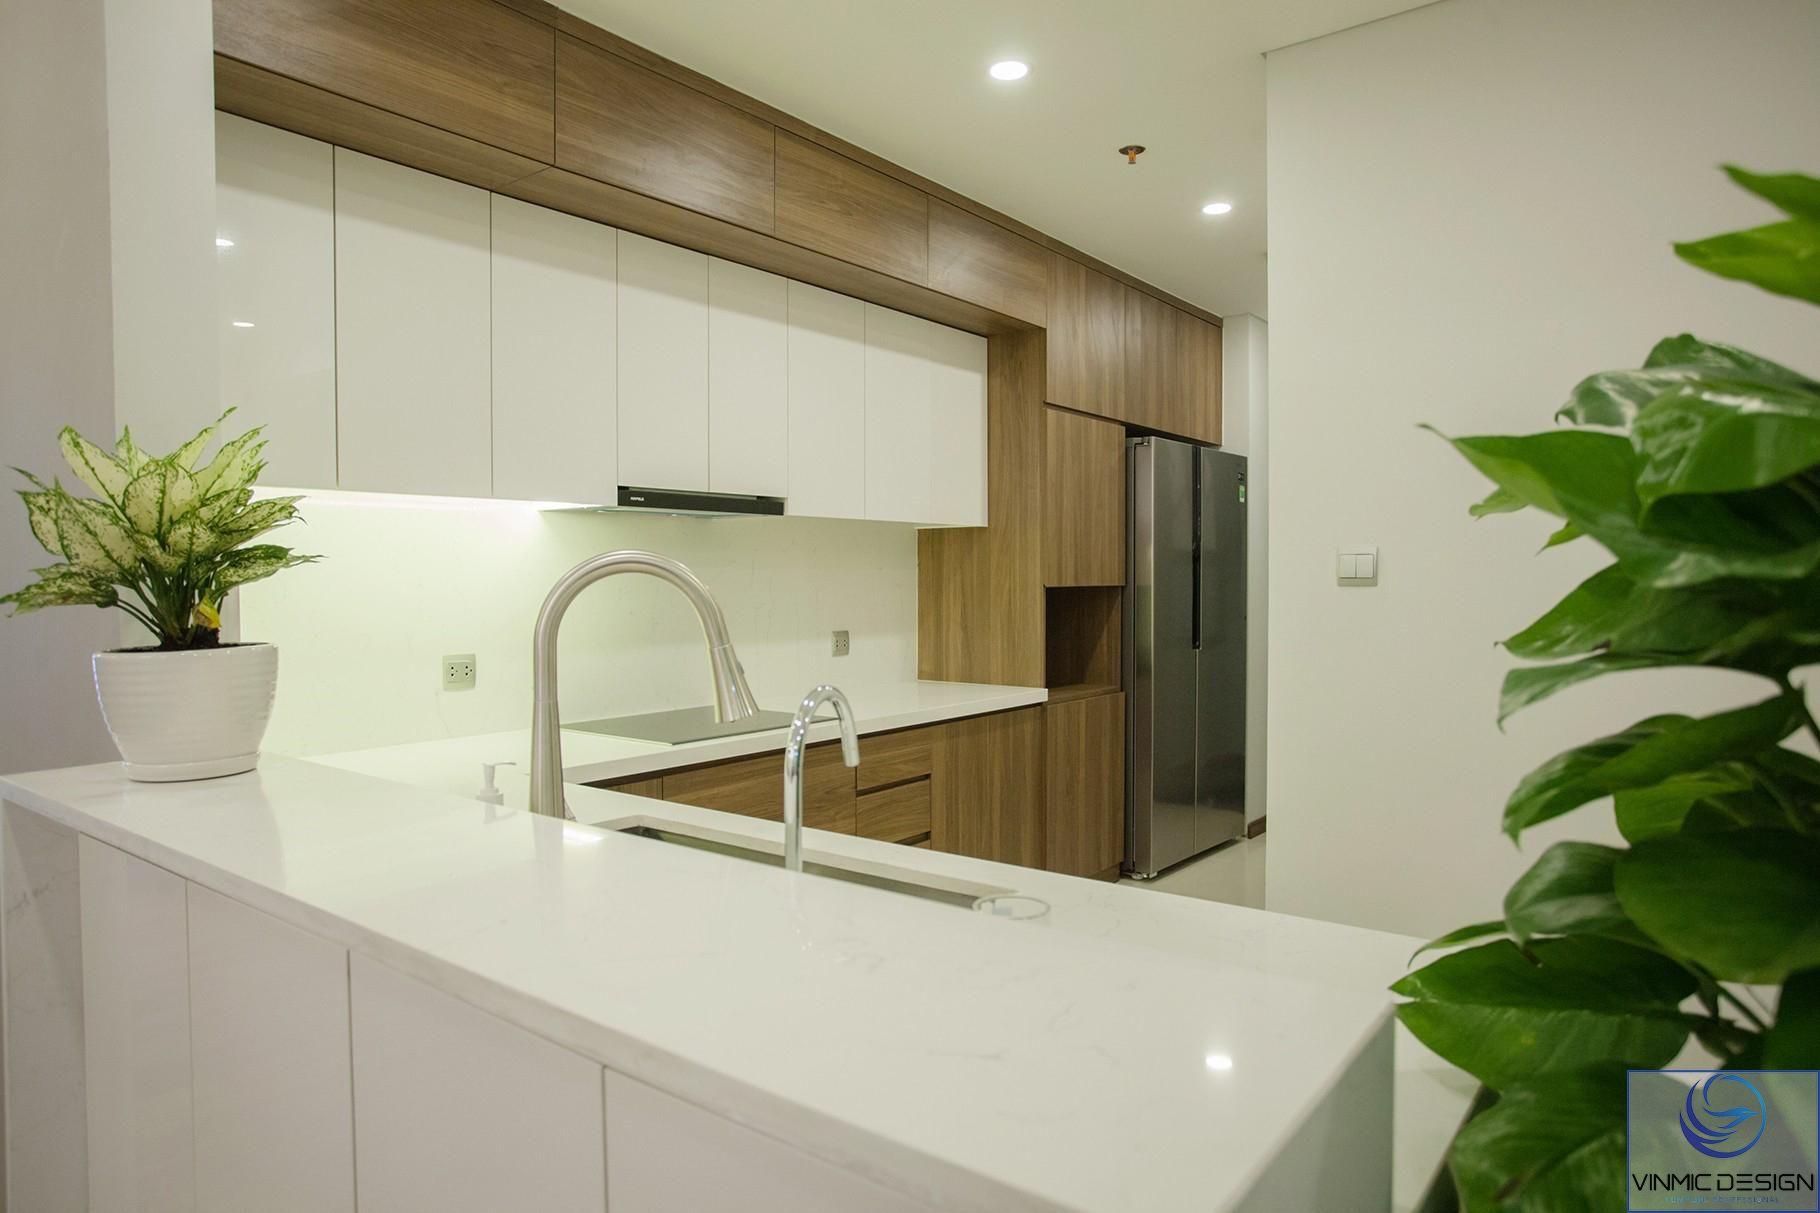 Tủ bếp được kết hợp giữa 2 màu trắng và nâu.